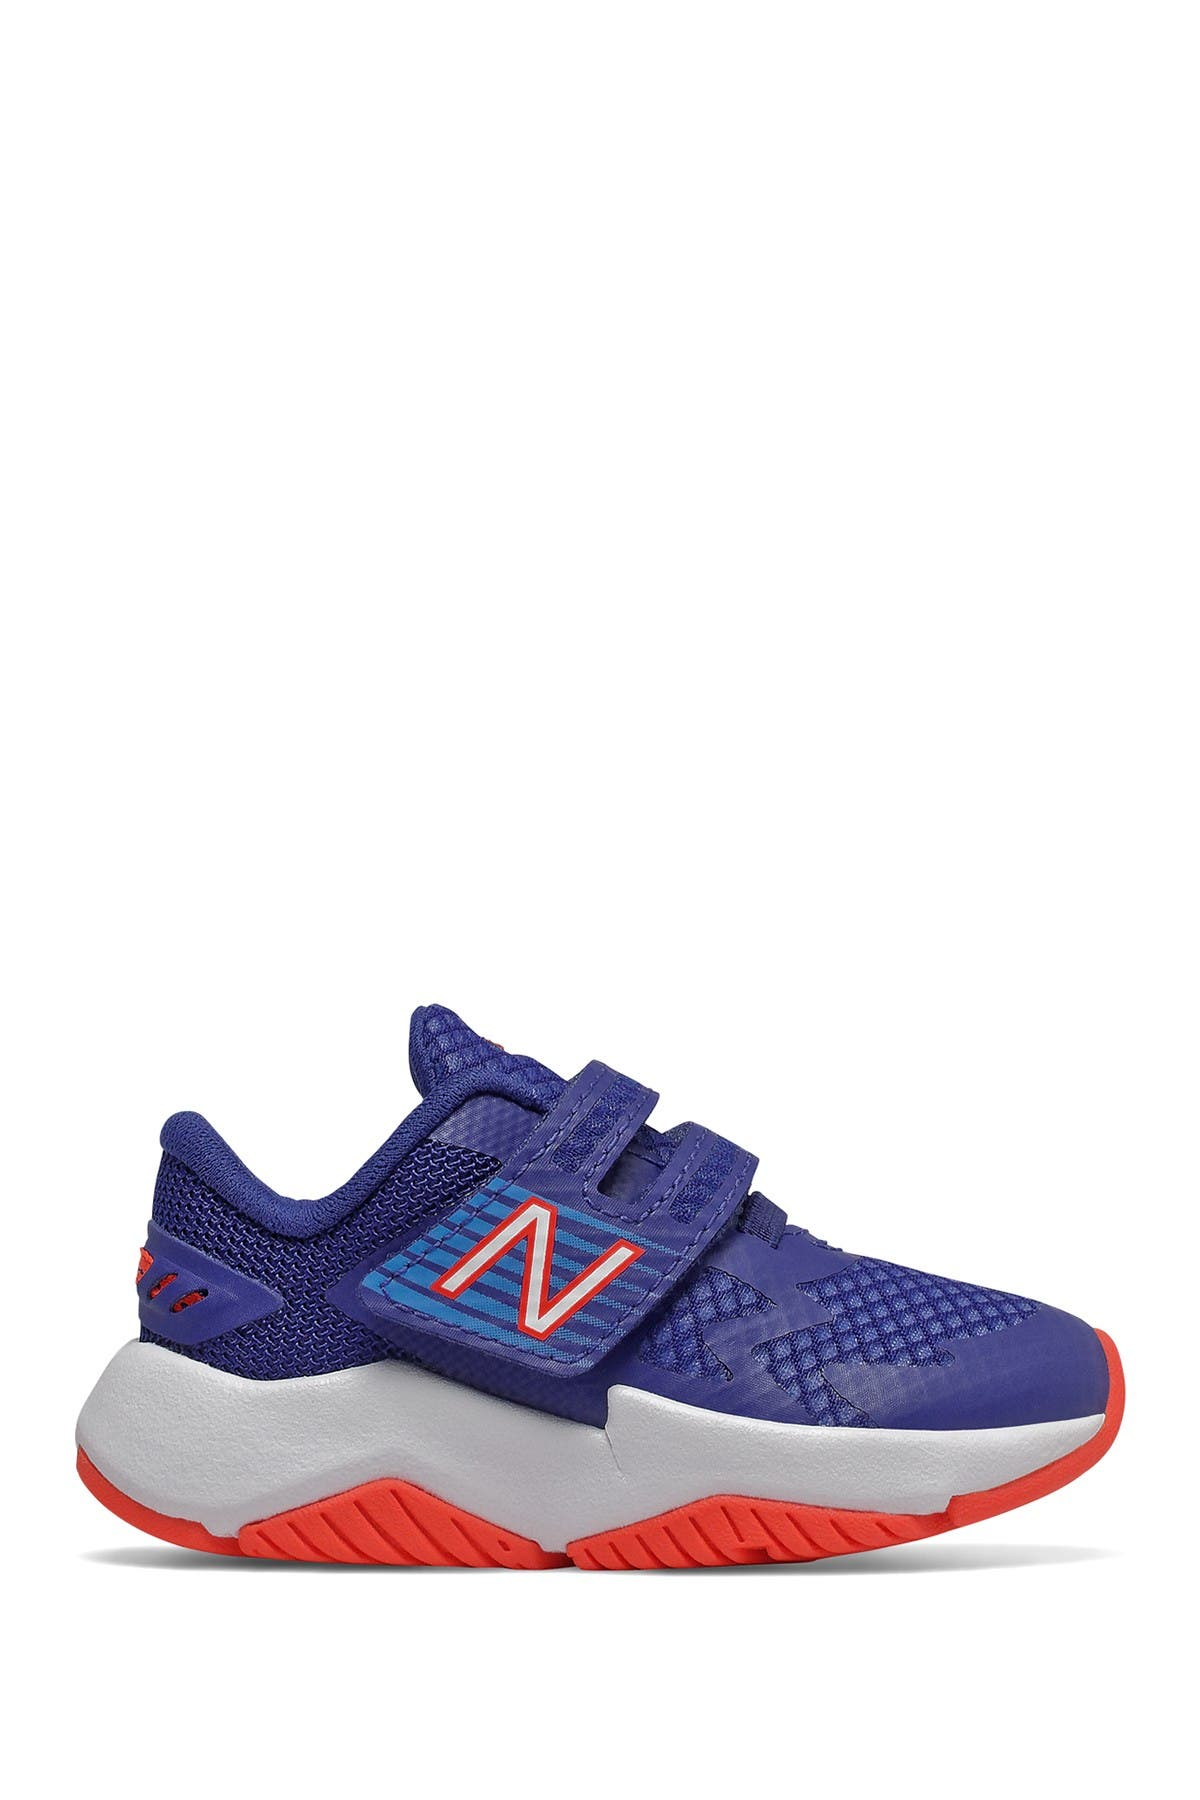 Image of New Balance Rave Runner Sneaker